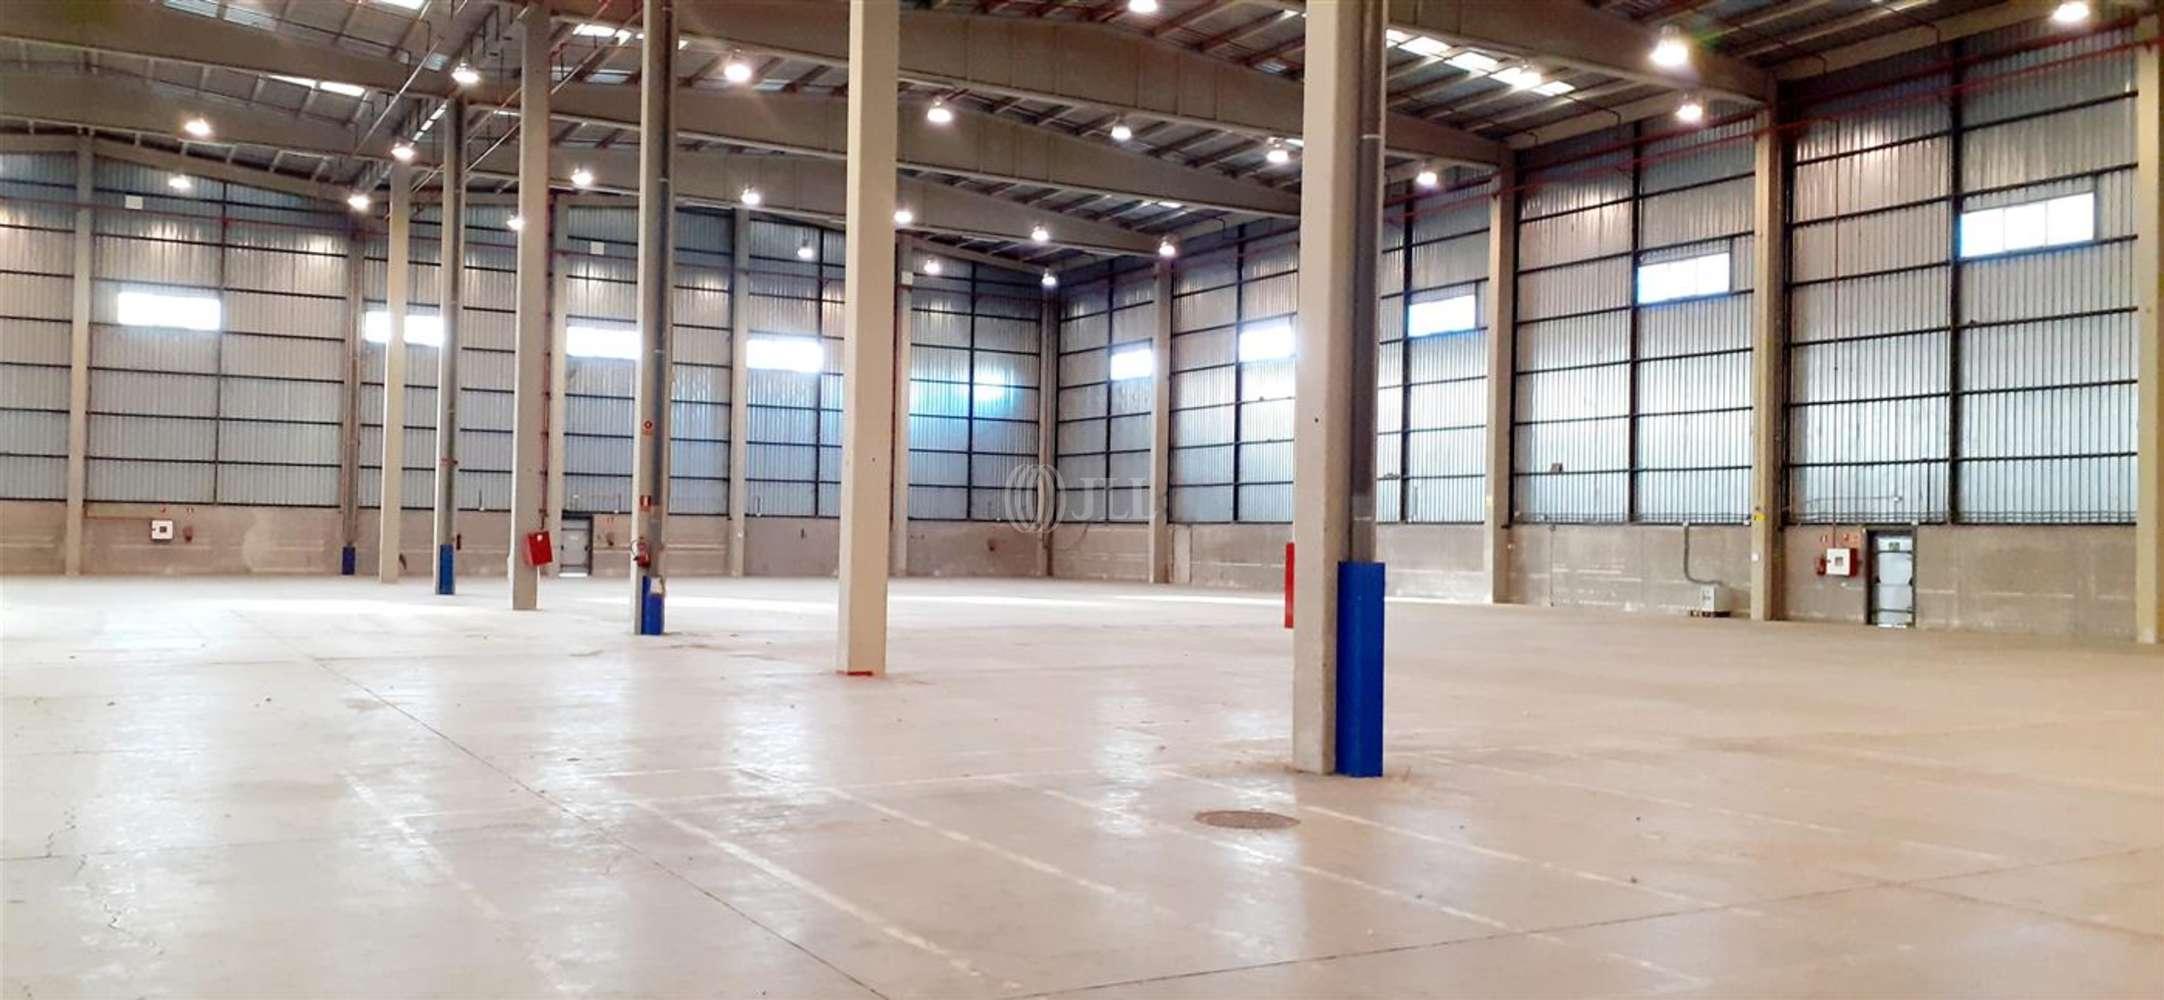 Naves industriales y logísticas Coslada, 28821 - Nave Logistica - M0396 NAVE LOGISTICA EN ALQUILER CTC COSLADA - 24242